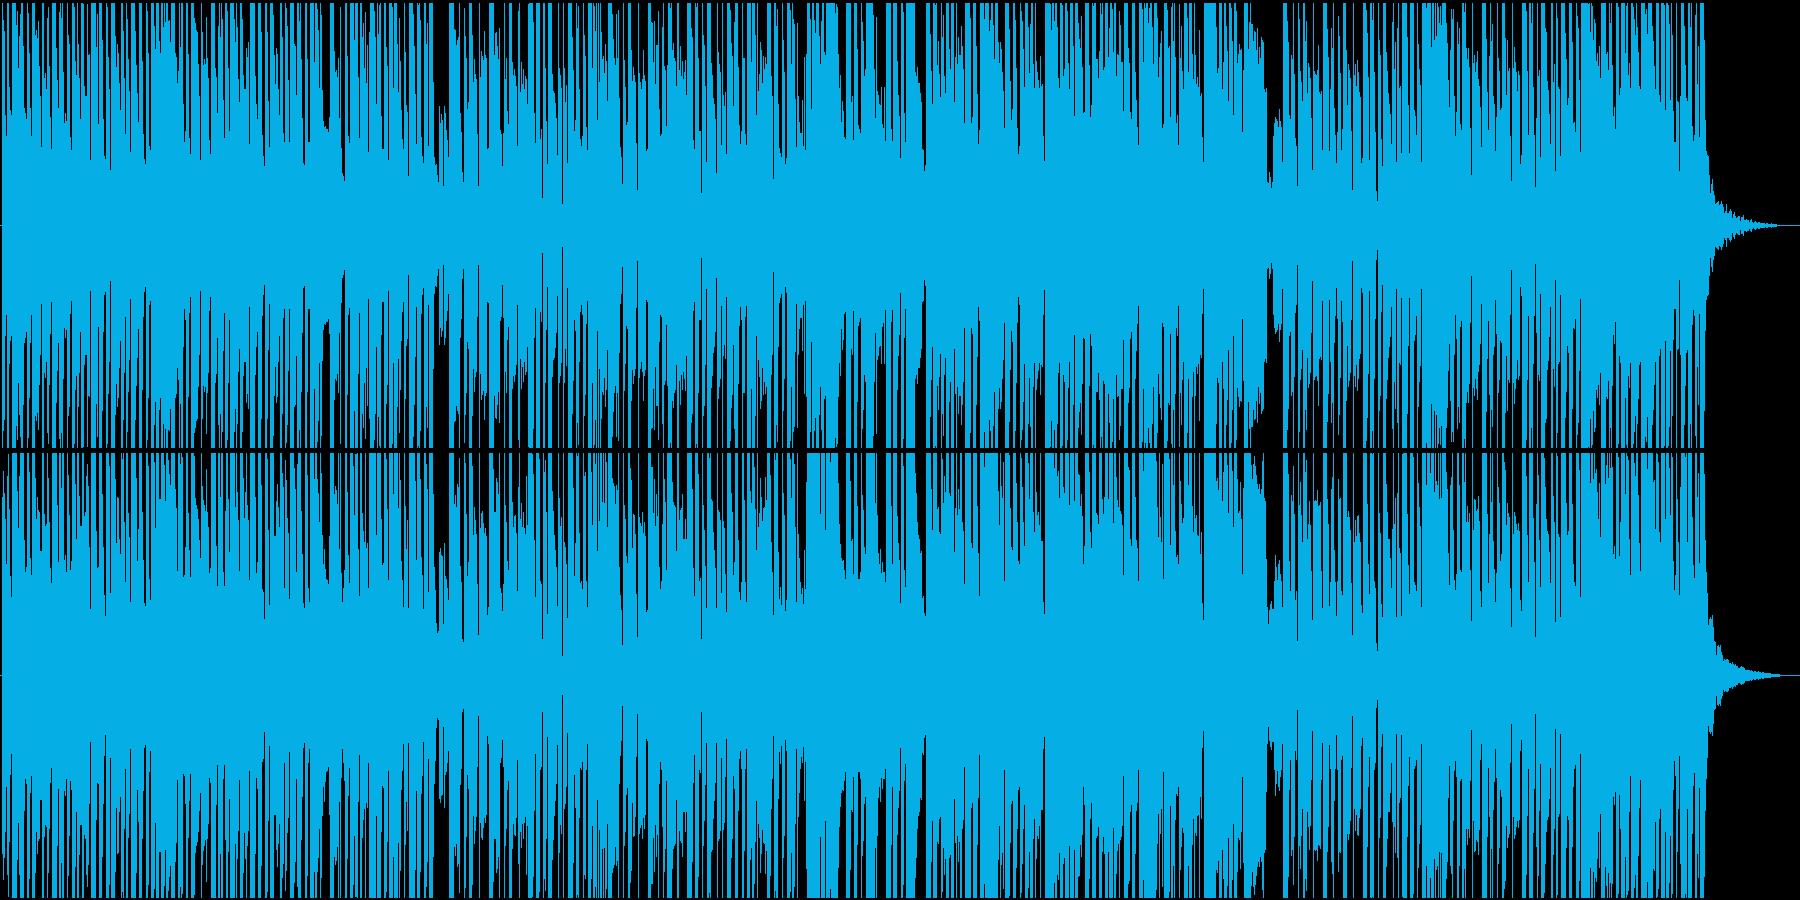 切ないメロディのゆったりした和風楽曲の再生済みの波形